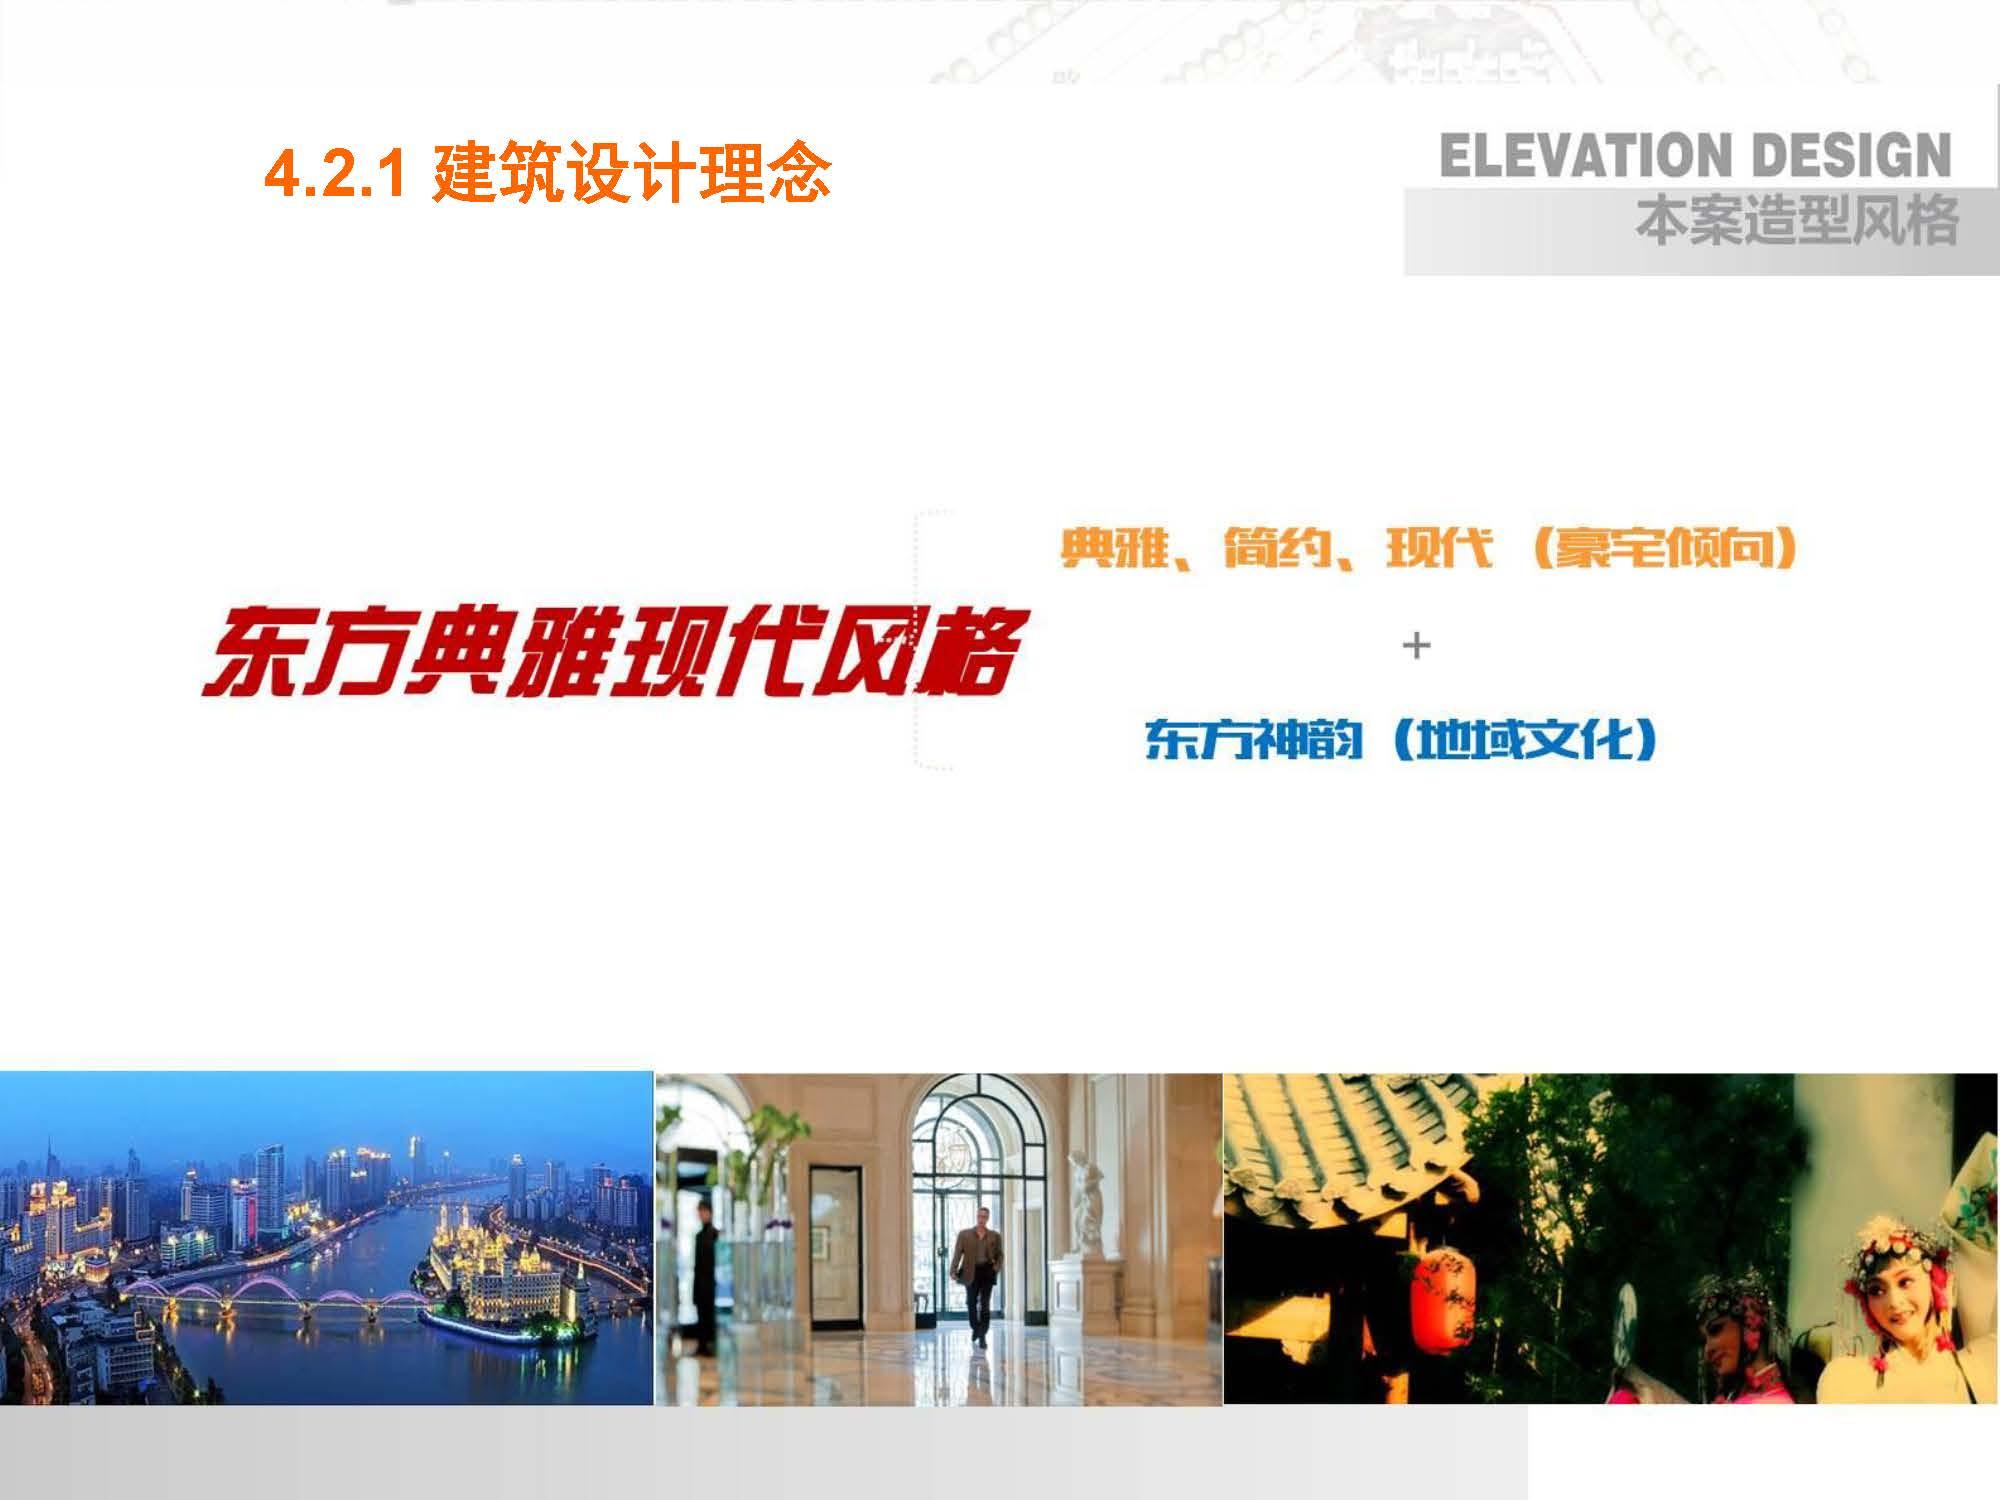 中海沈阳销售手册20180809--EPG--建筑设计理念及亮点 _页面_16.jpg